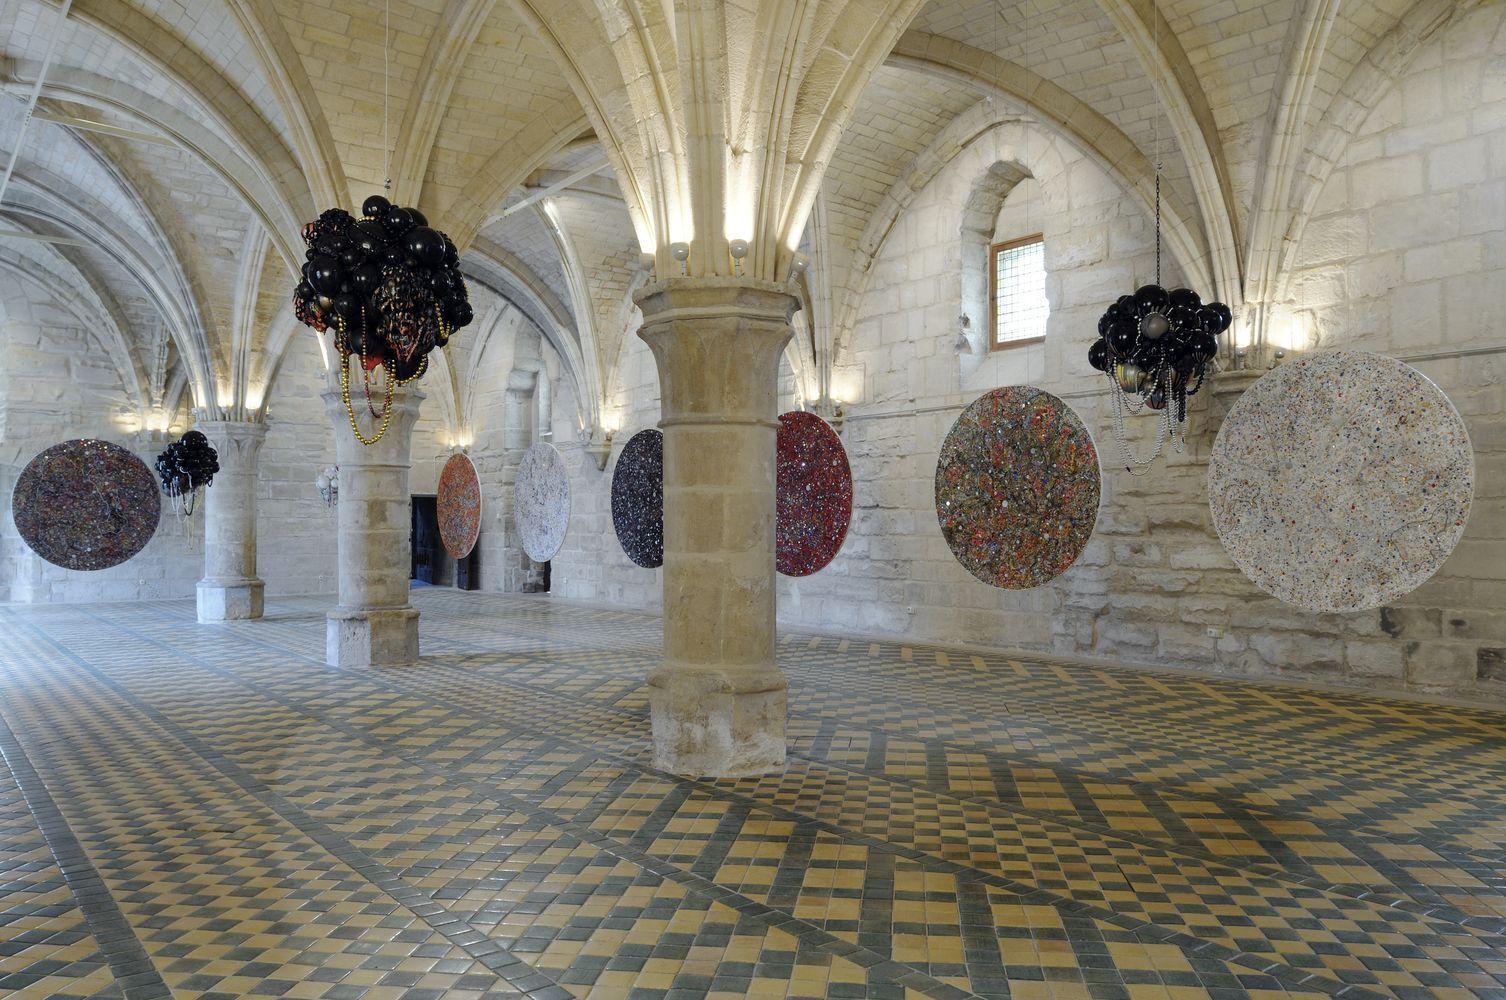 19. Visita el convento cisterciense de la Abadía de Maubuisson